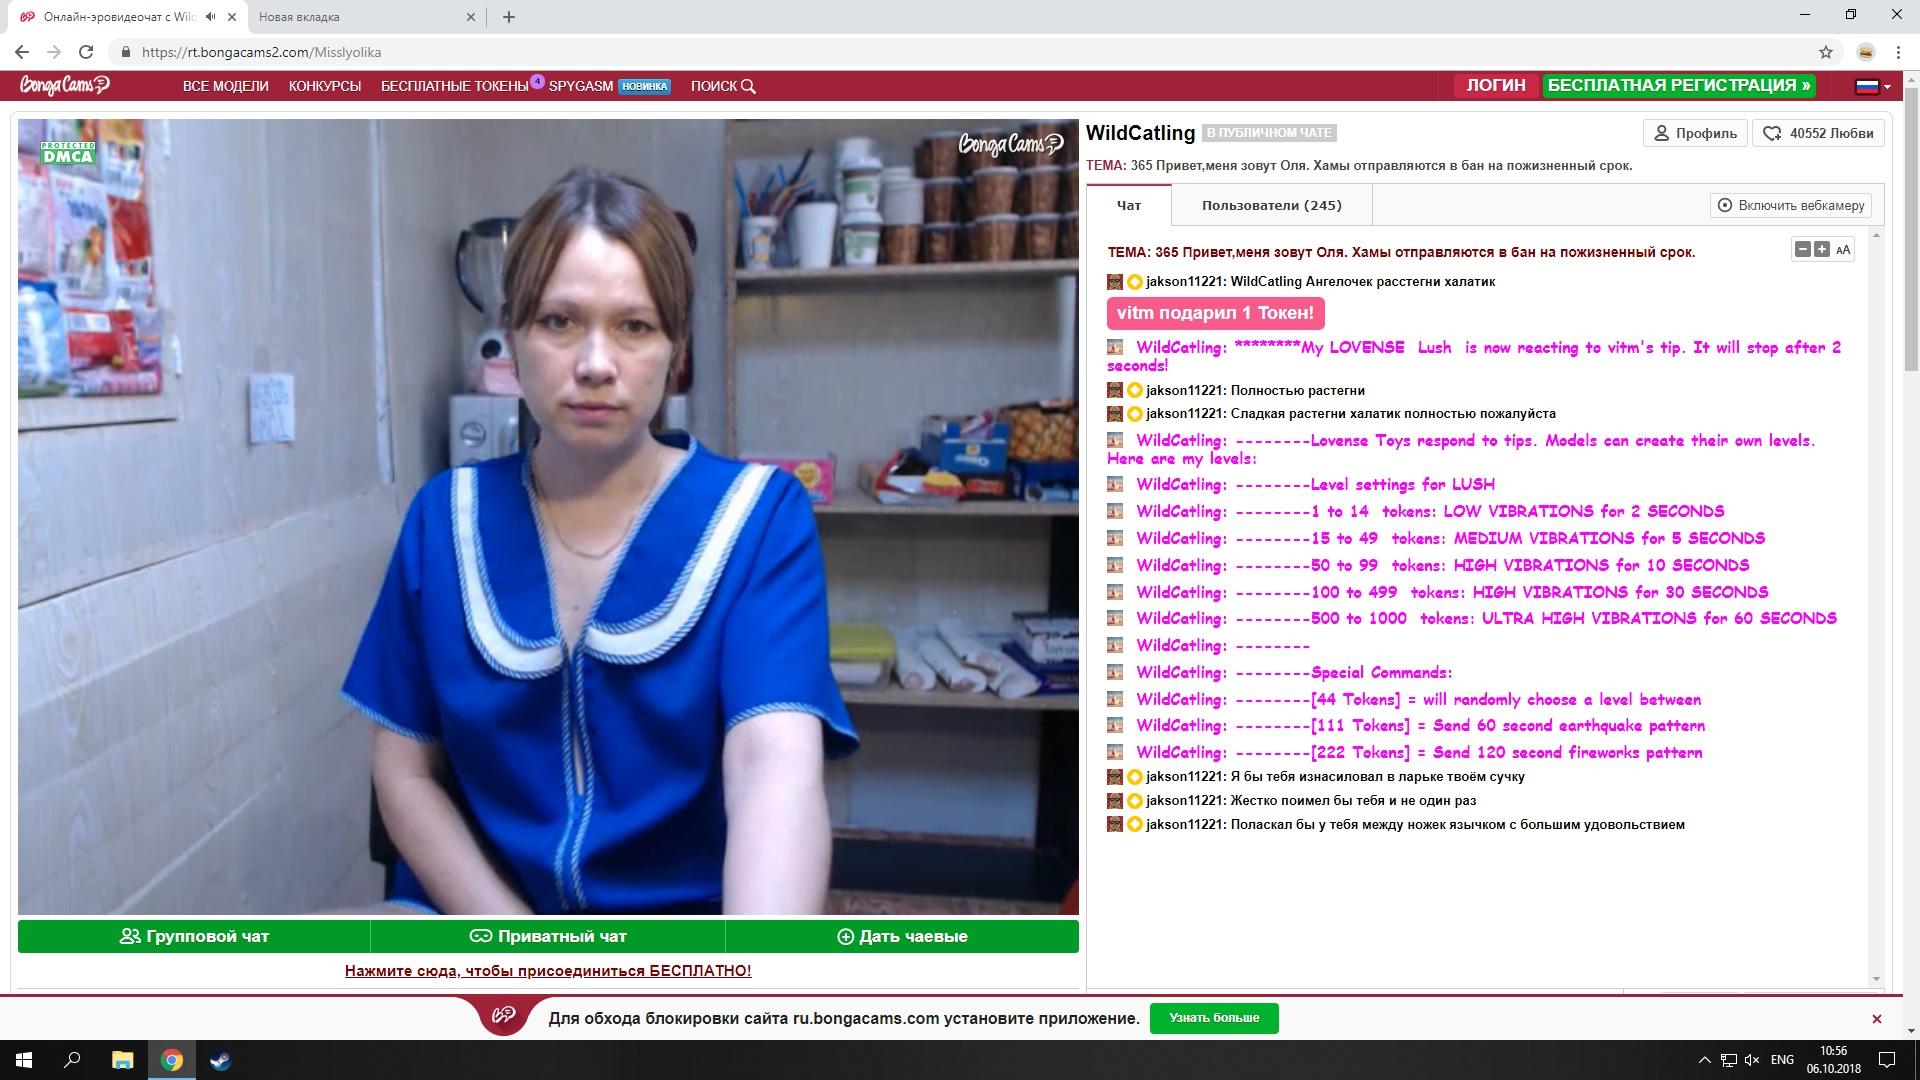 время, модели рунета в приватном чате онлайн конечно же, было